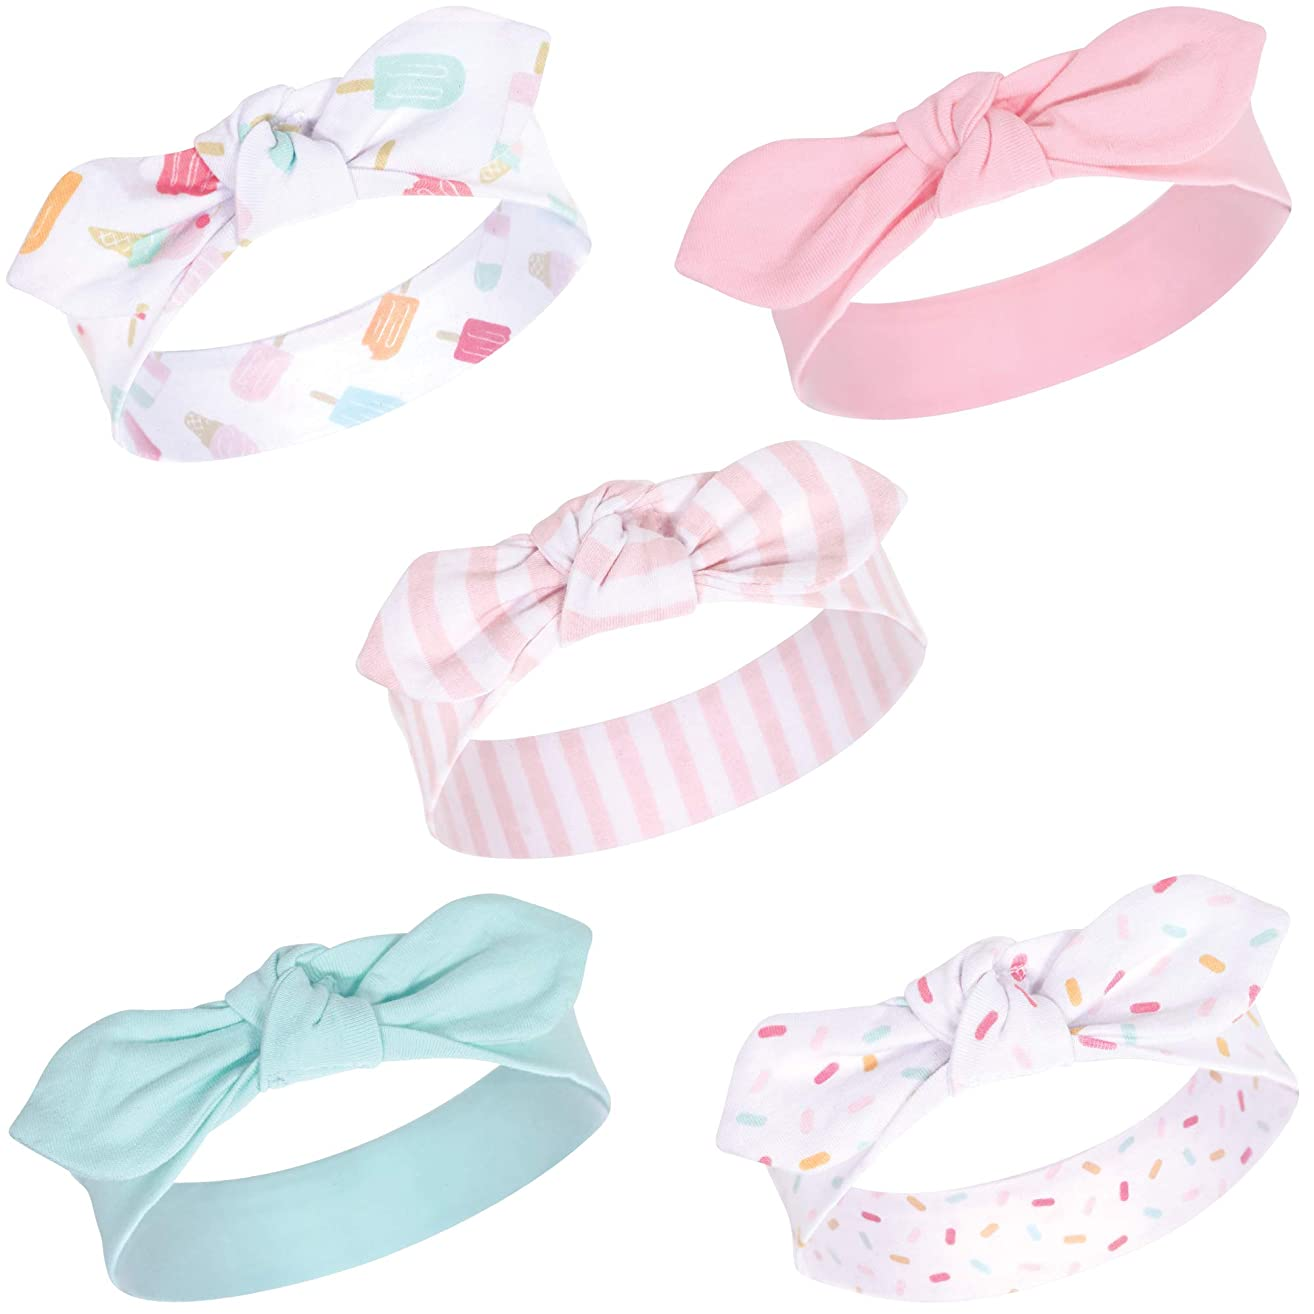 Hudson Baby Baby Girls' Headband, 5 Pack